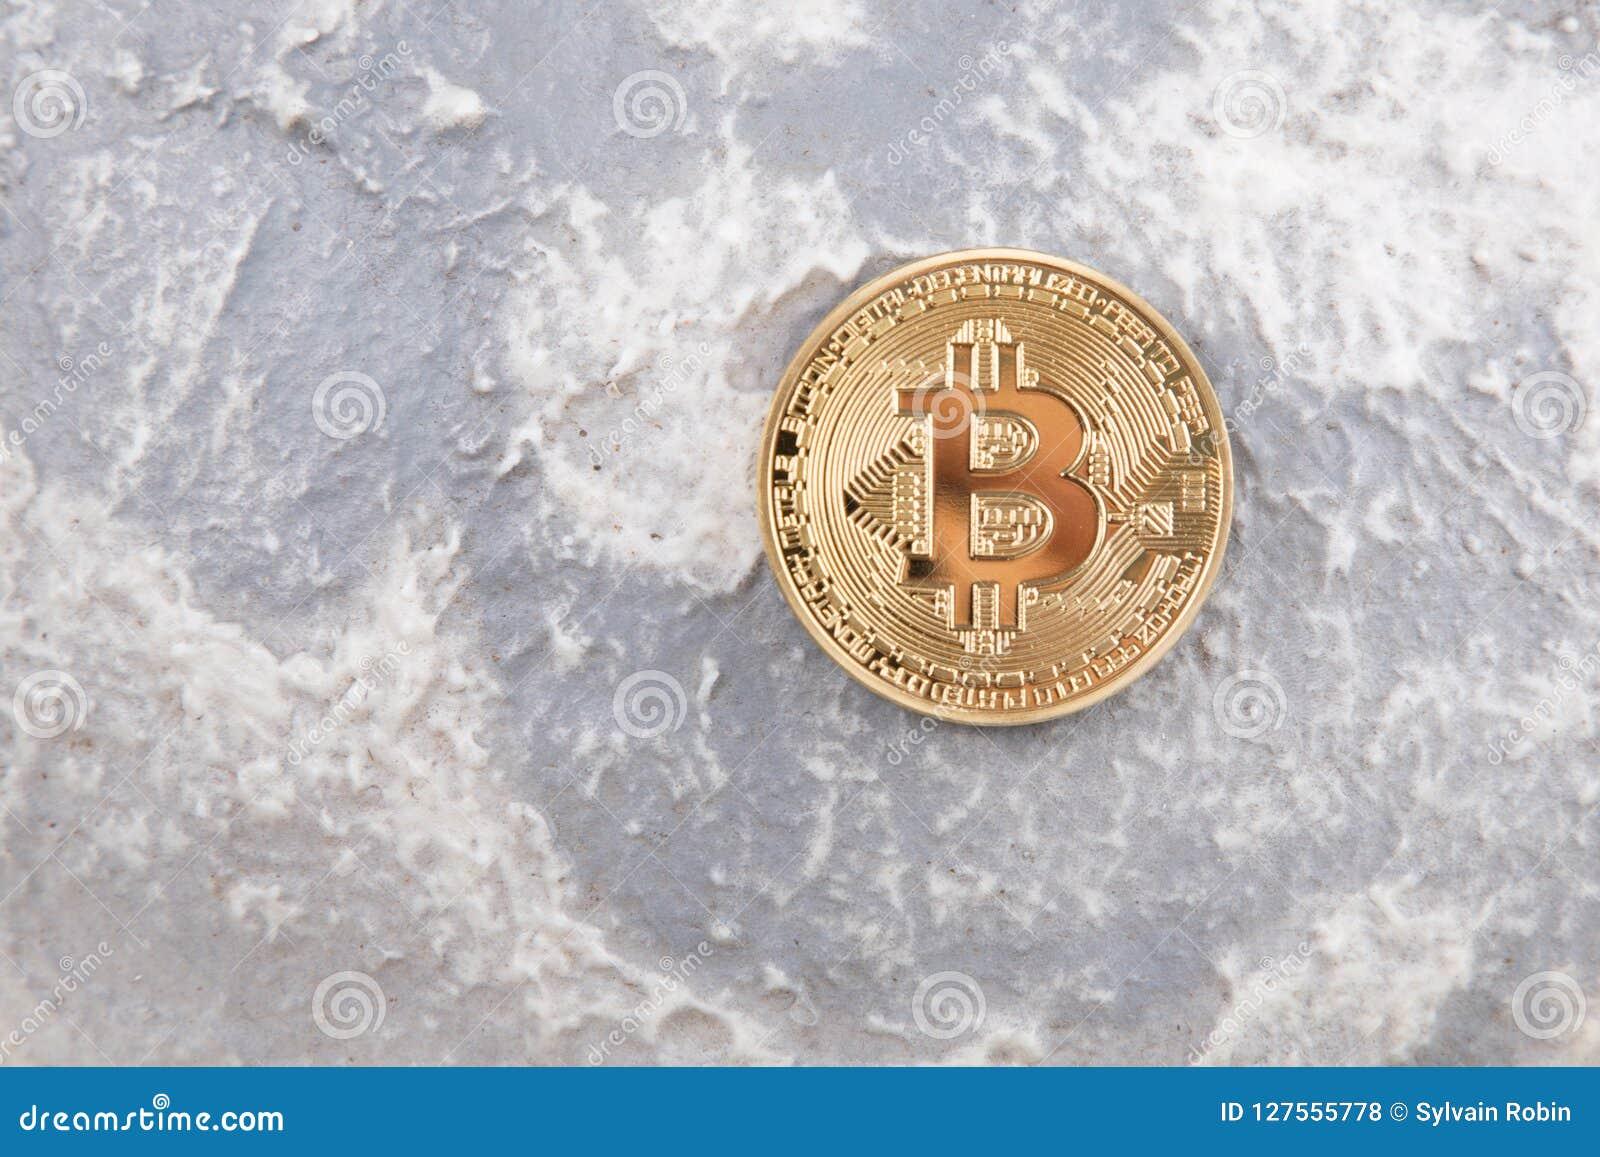 commercio di bitcoin luno quale prezzo è il commercio di bitcoin